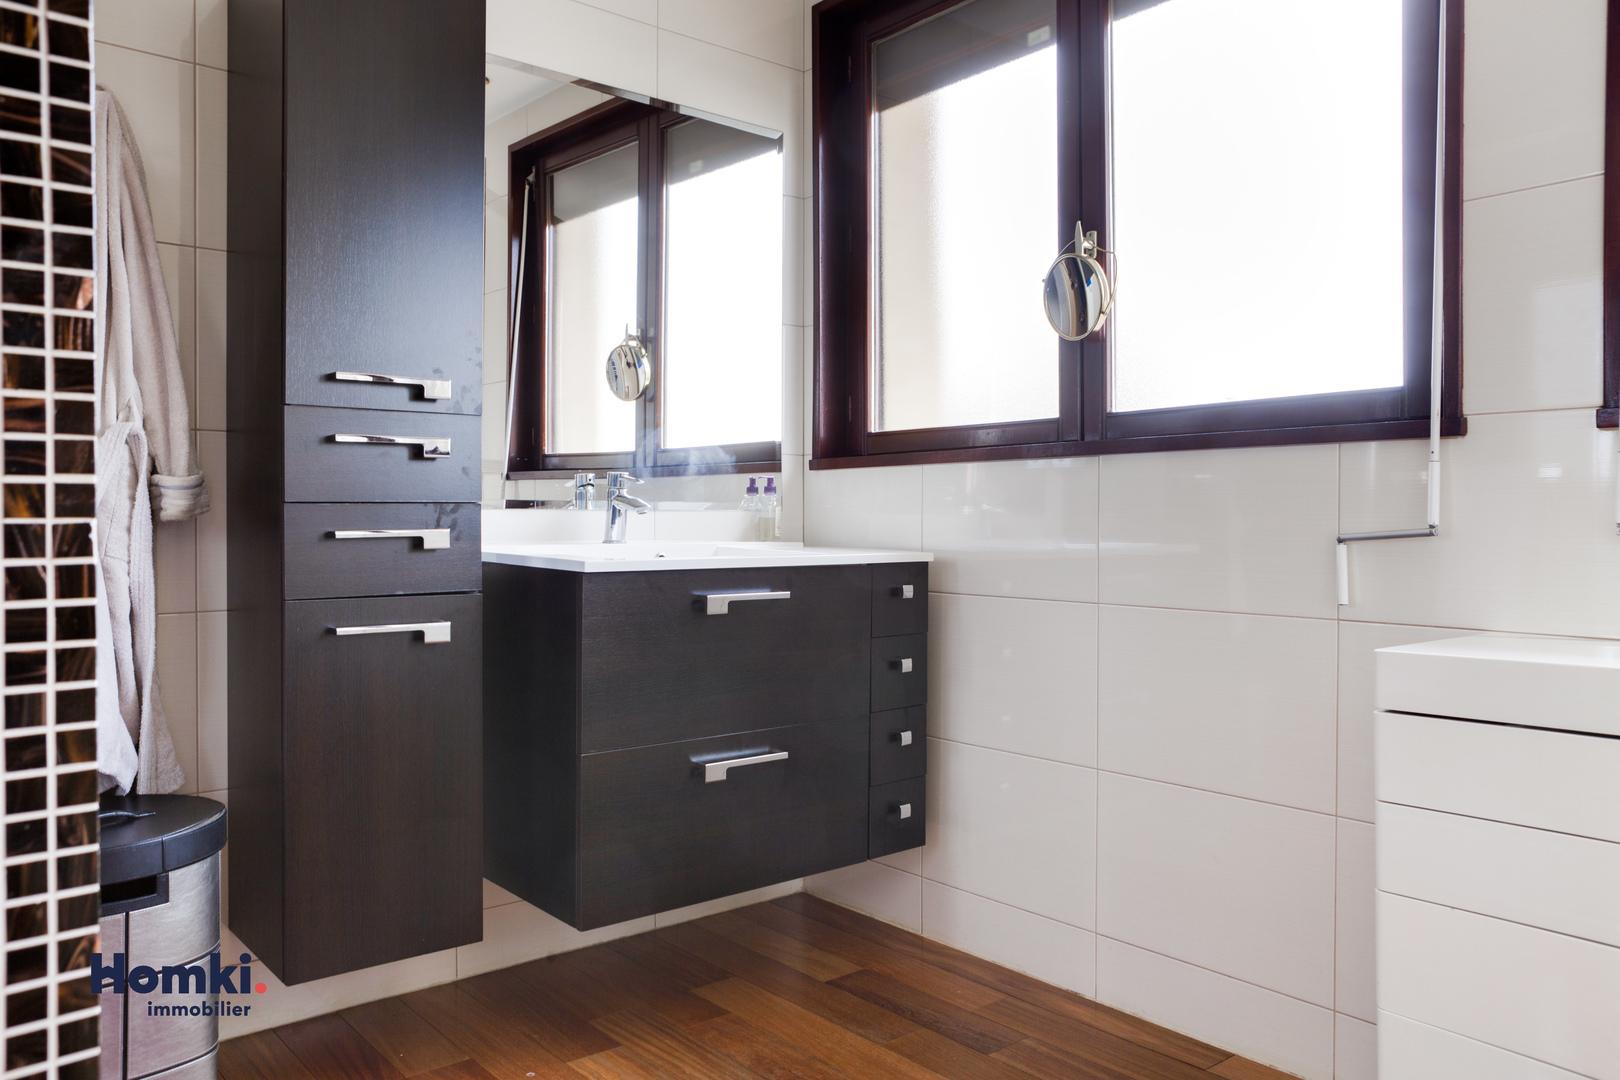 Maison I 150 m² I T4/5 I 69500 | photo 6